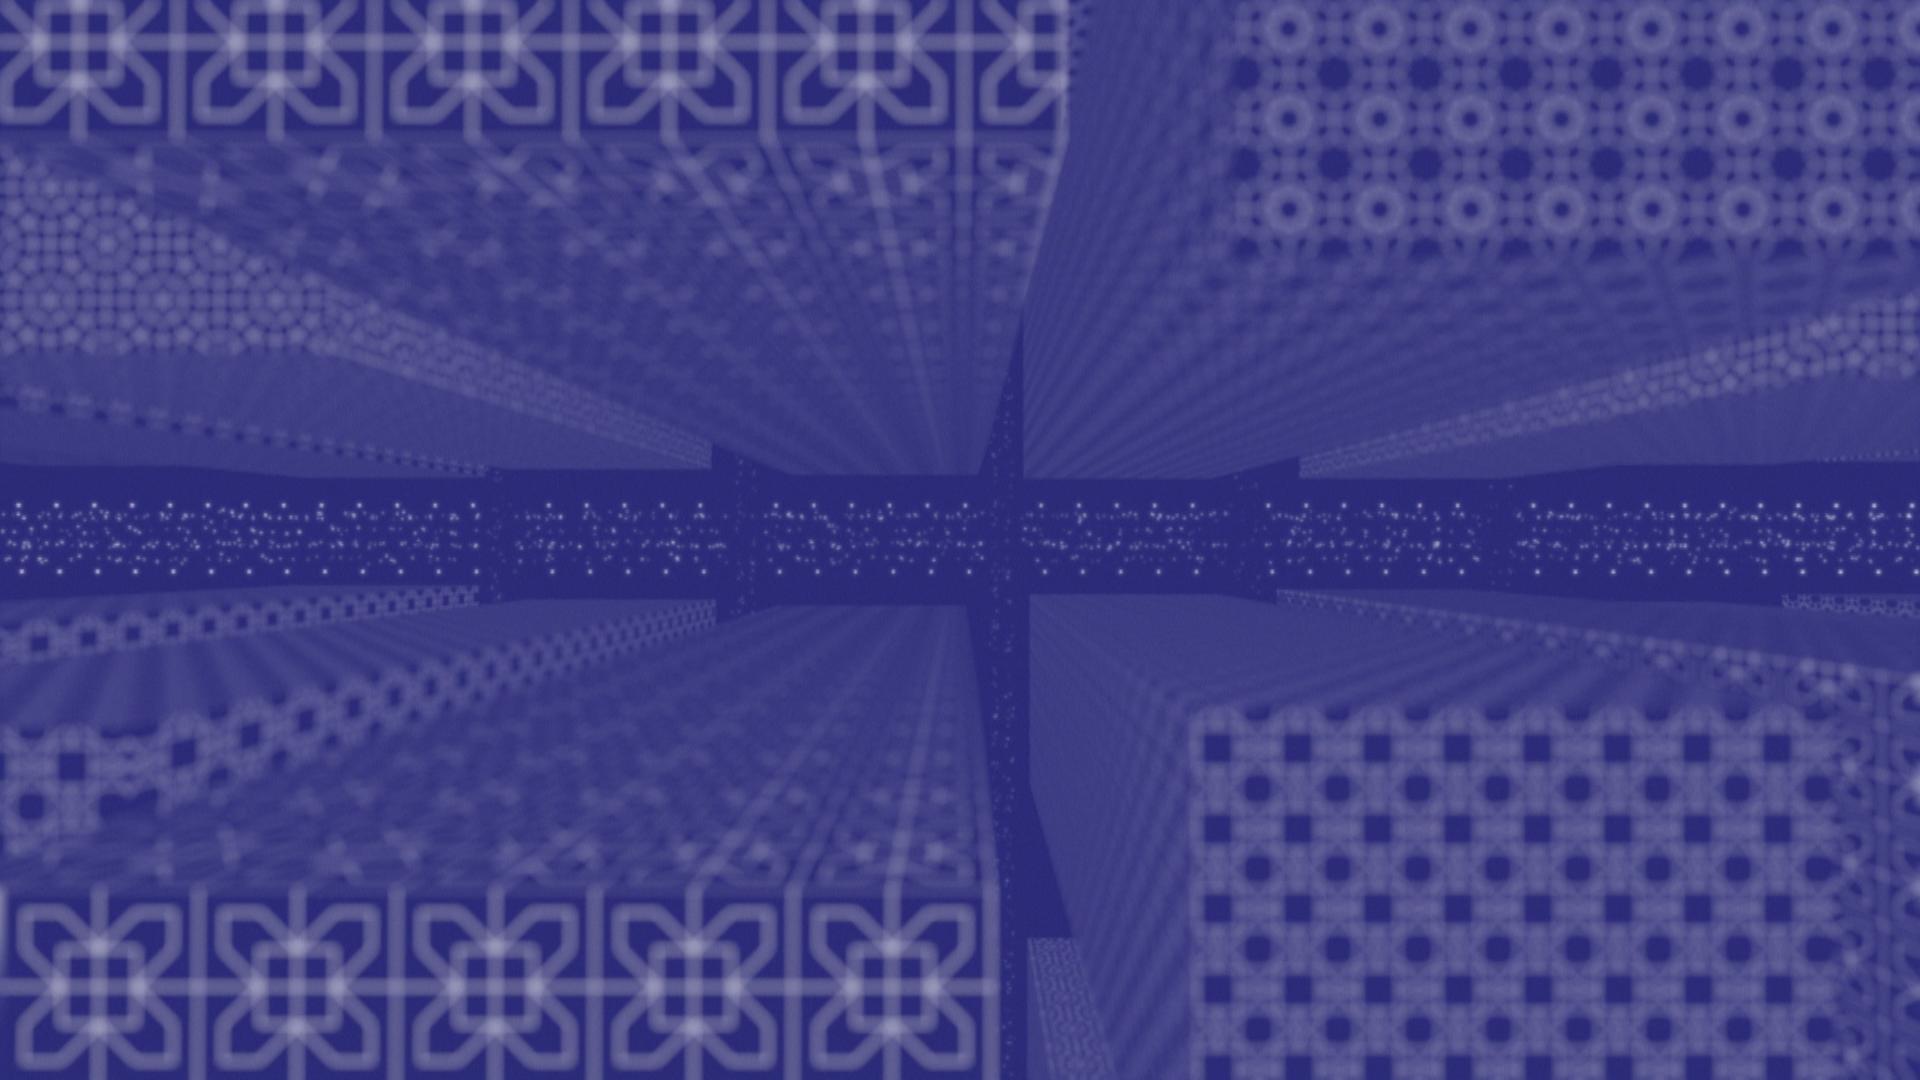 TRX0019_TRXBrandVideoEndframe2_1080p_Prores_006 (0-00-17-13).png